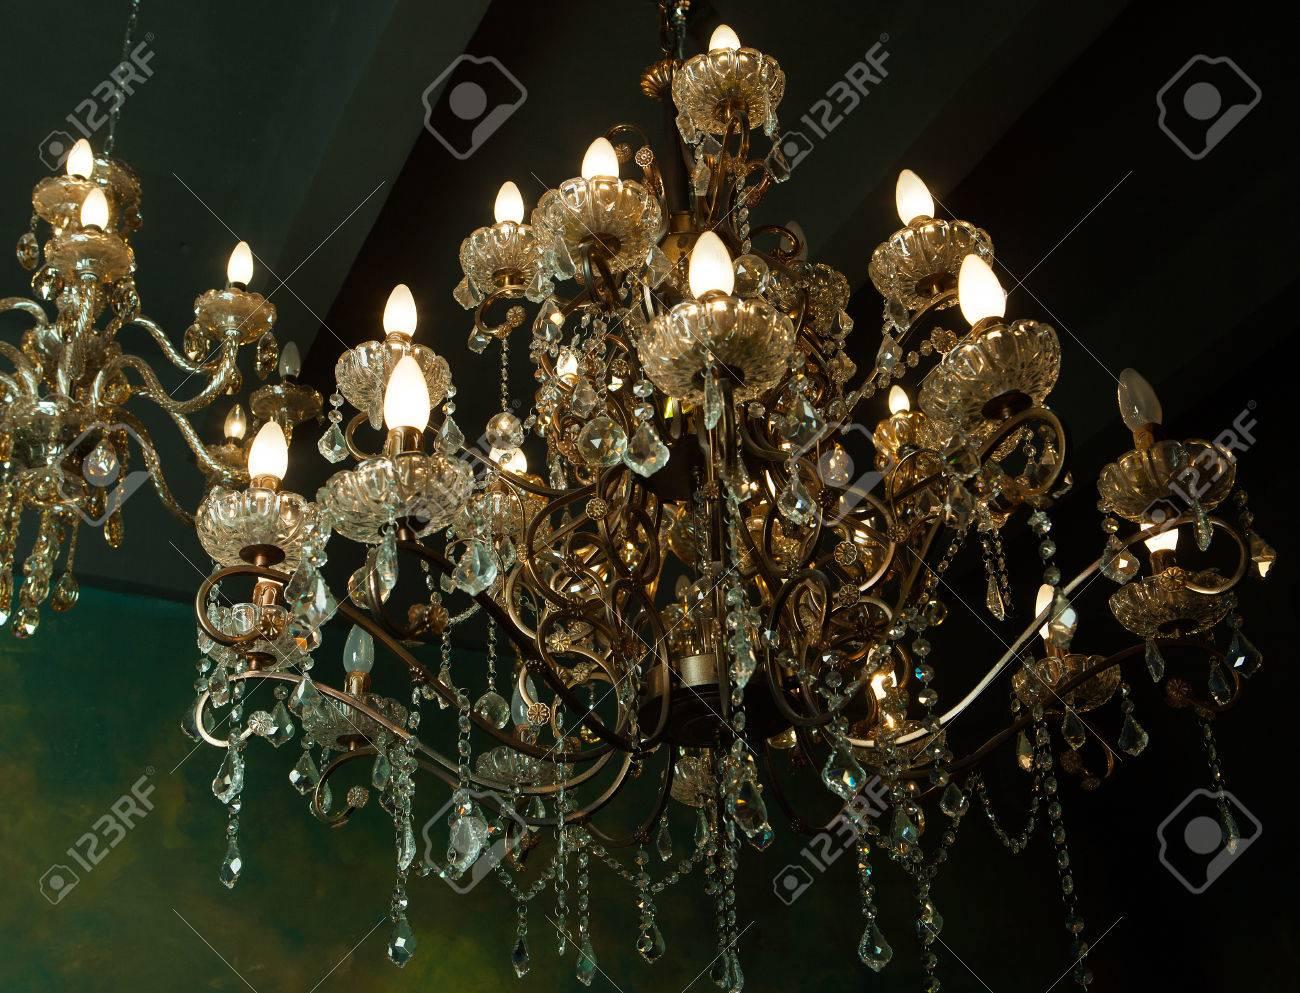 Kronleuchter Antik Xl ~ Schöne vintage kristall kronleuchter in einem raum goldenen tönen